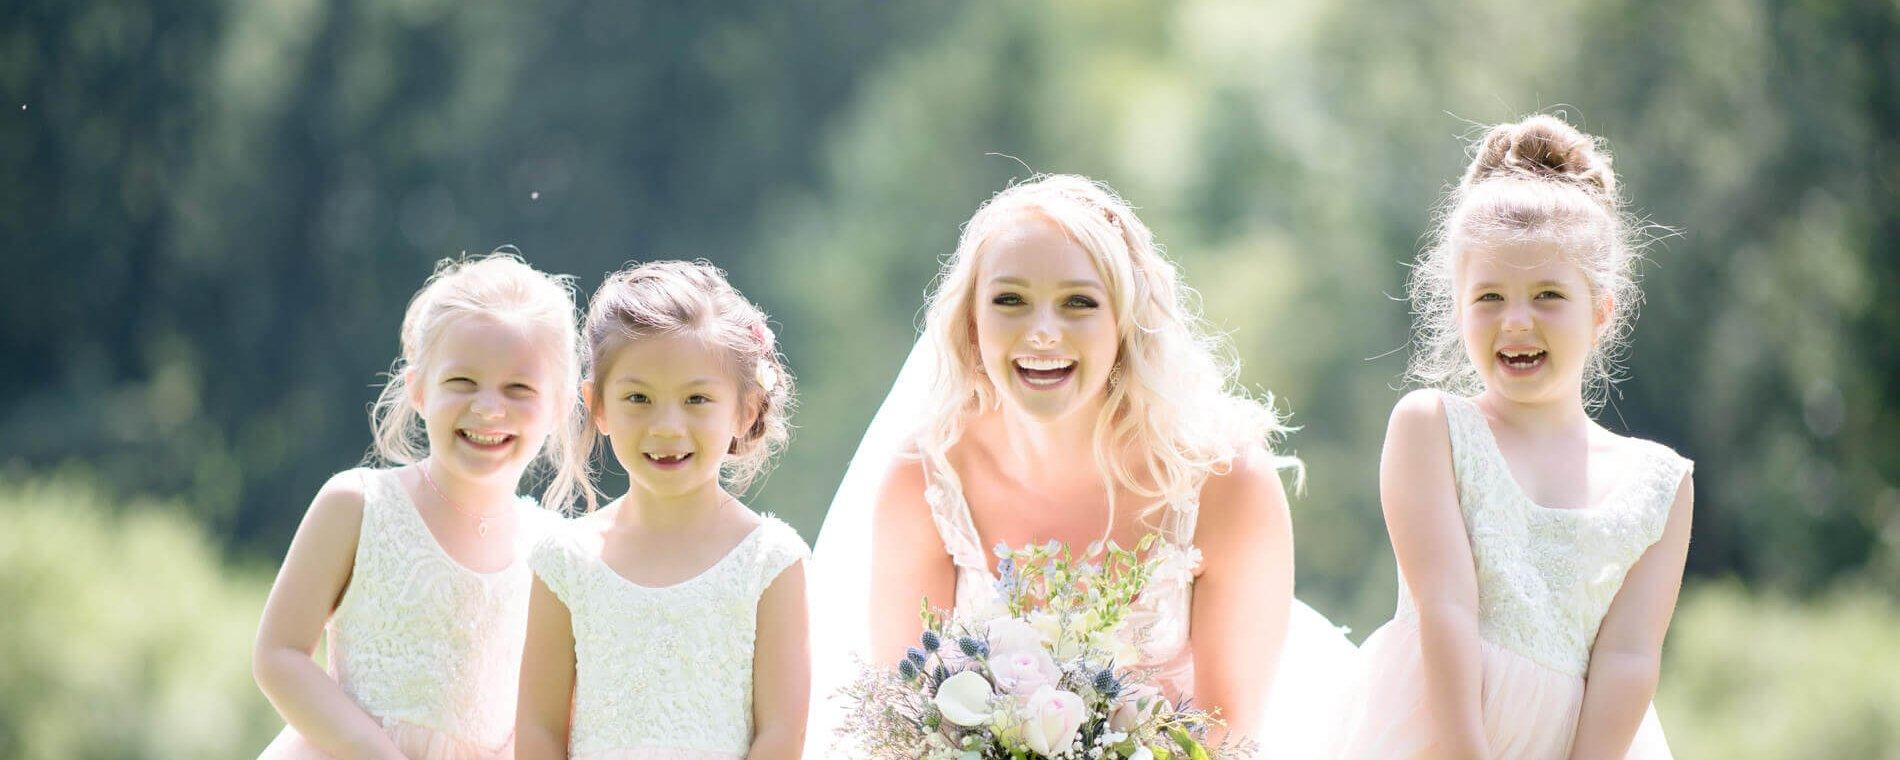 Kinderprogramm auf Hochzeiten